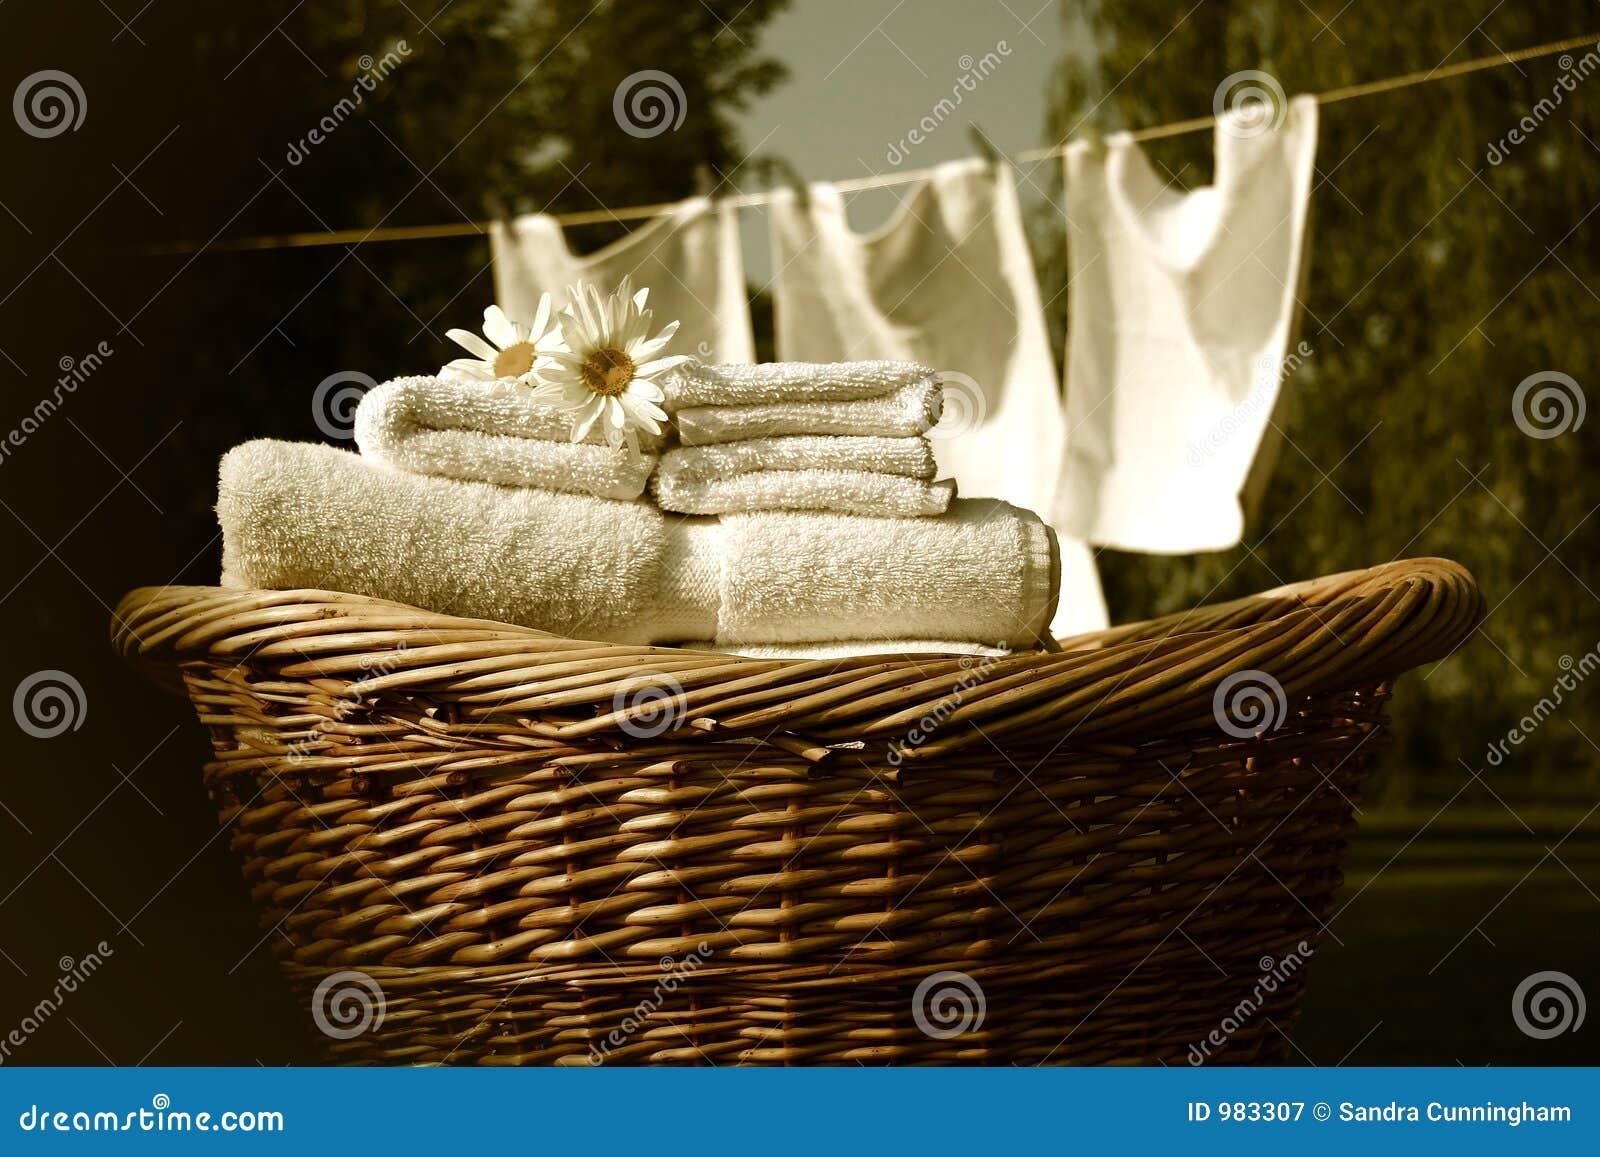 Retro wash day